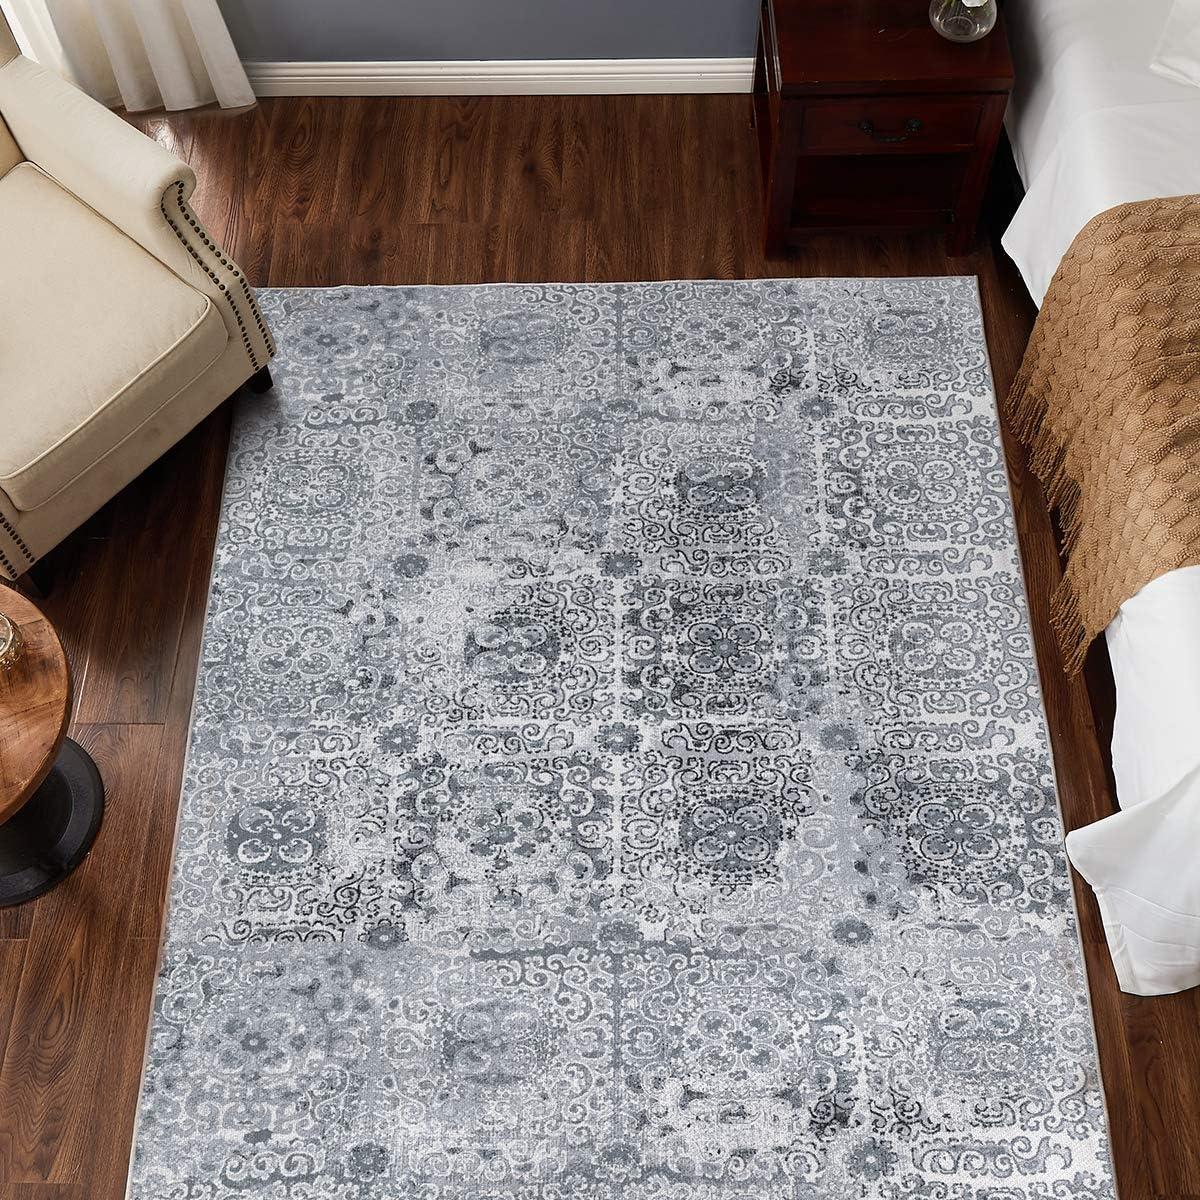 """jinchan Vintage Area Rug for Dining Room Tile Design Elegant Floral Floorcover Indoor Soft Mat for Living Room Grey 5'3""""x 7'"""